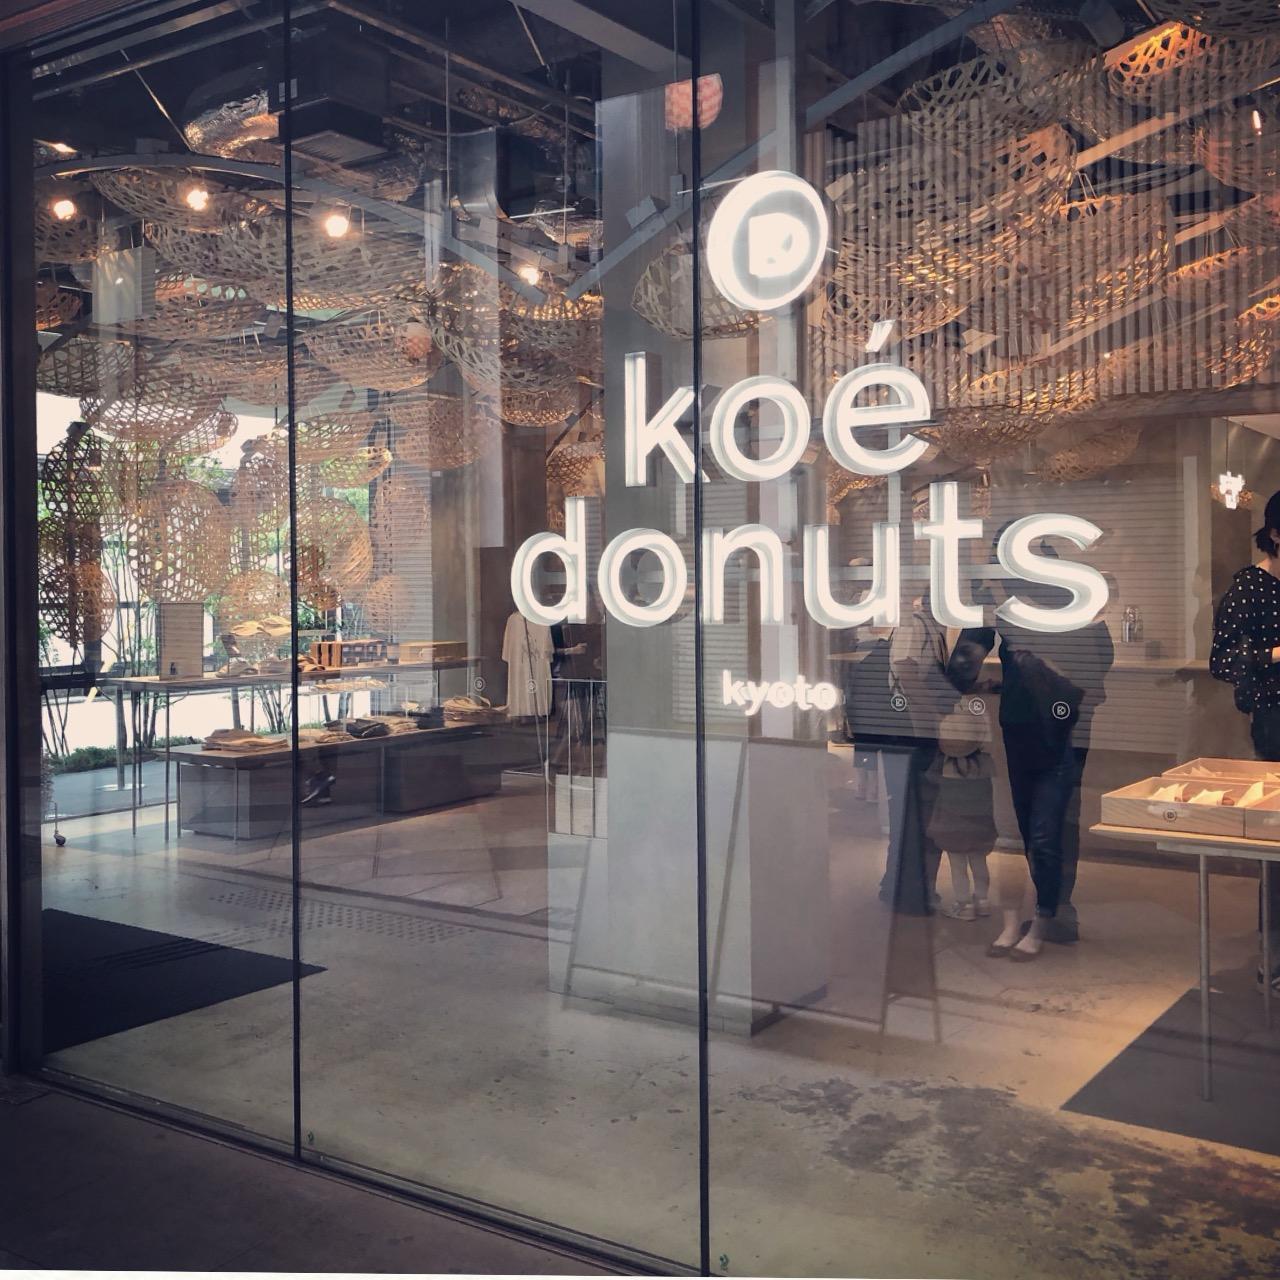 <京都*女子旅にオススメ>koé donuts kyotoのエシカルなドーナツがフォトジェニックでおいしすぎる!♡_1